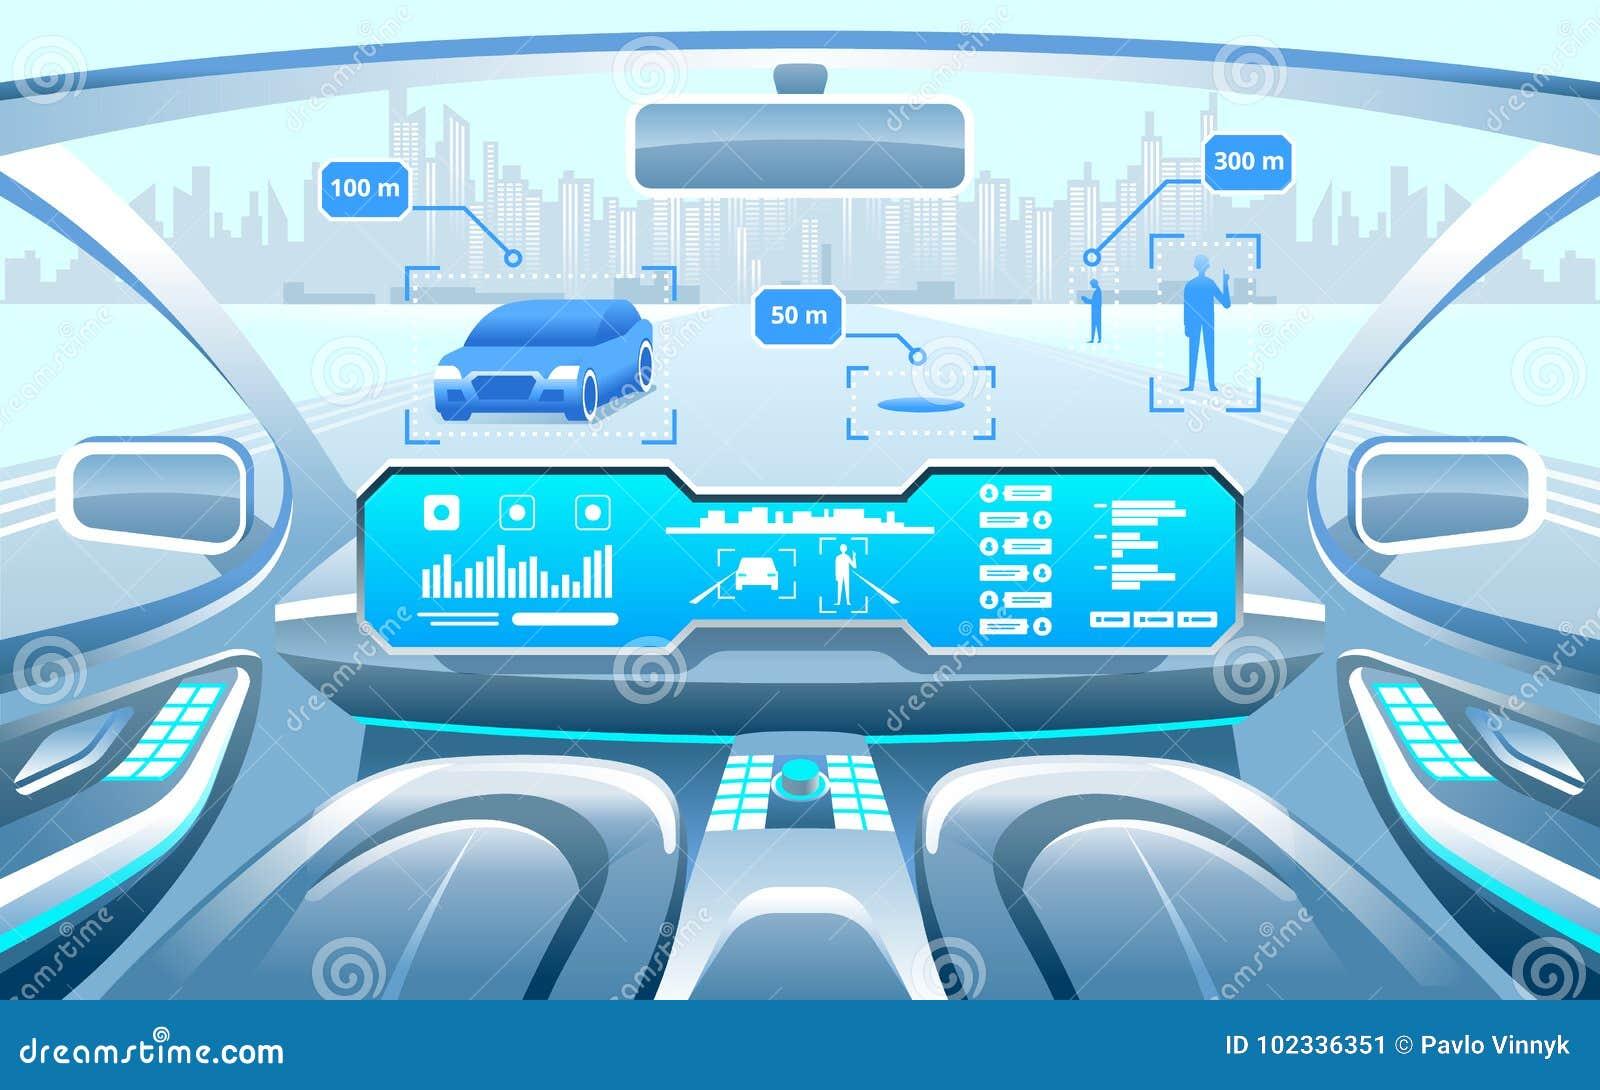 Autonoom Slim autobinnenland auto het zelf drijven in de stad op de weg De vertoning toont informatie over het voertuig